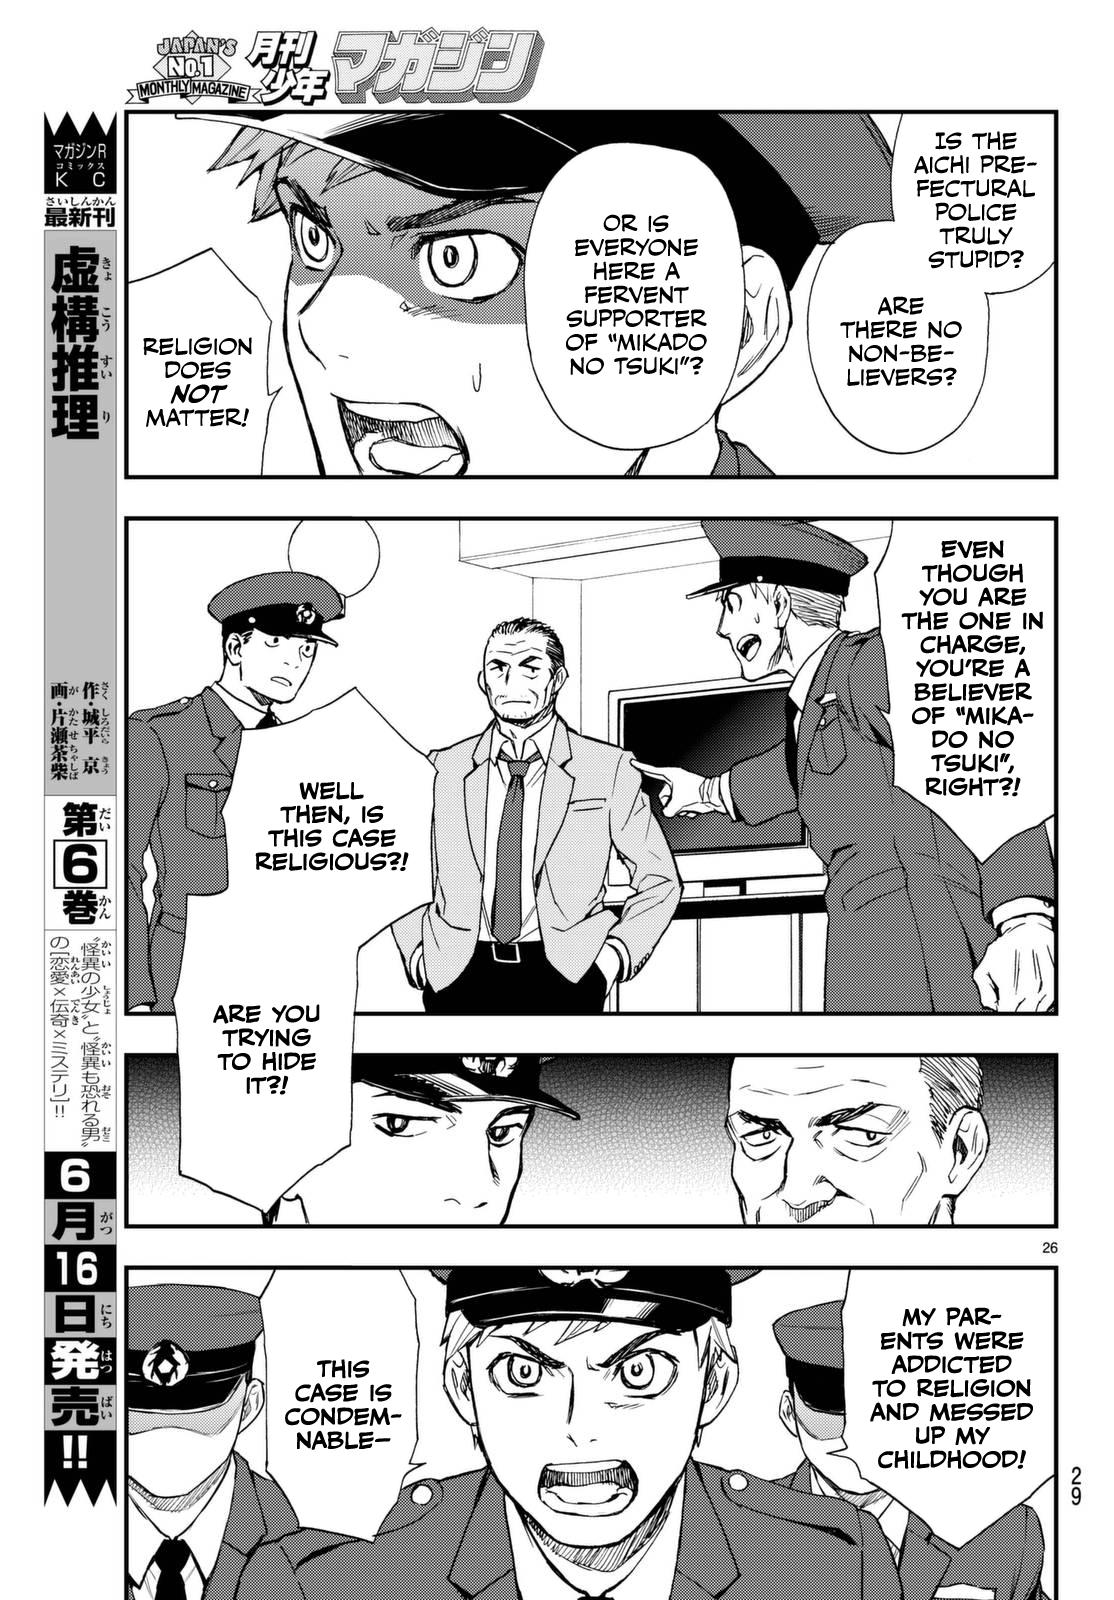 Owari no Seraph: Ichinose Guren, 16-sai no Catastrophe - Chapter 1